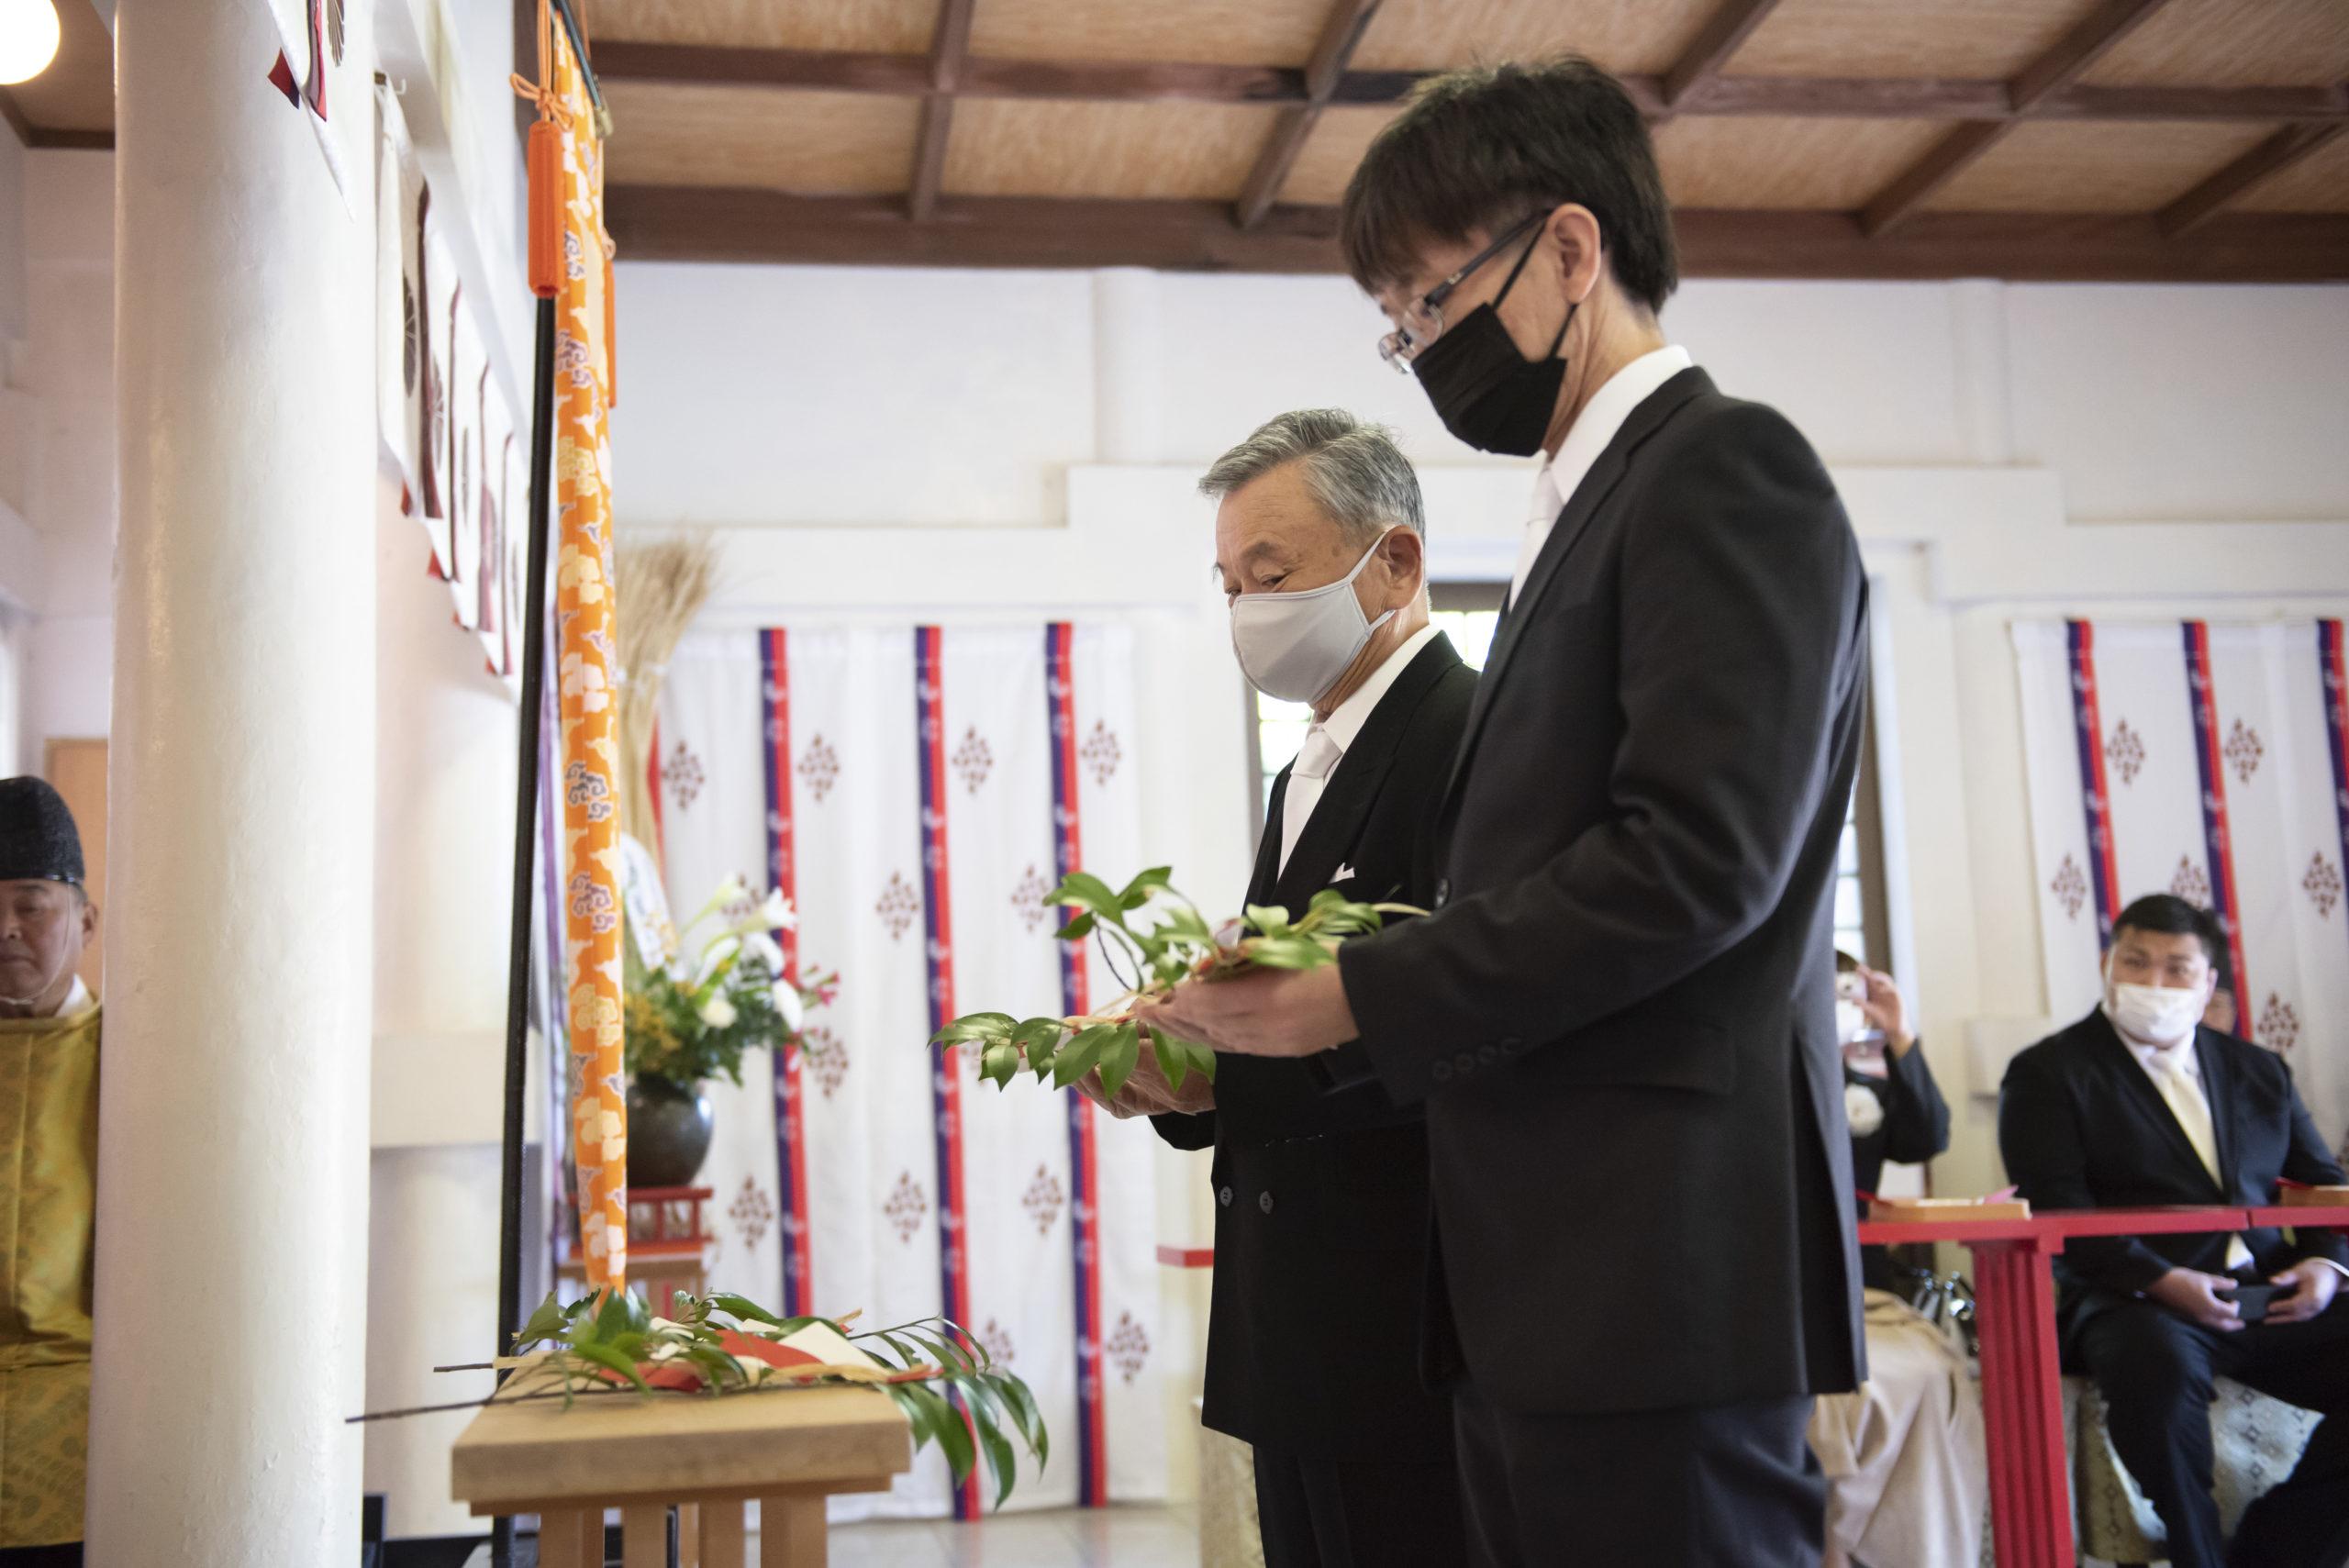 徳島市の結婚式場ブランアンジュで披露宴を行う前に挙式をした忌部神社で玉串拝礼を行う親族代表